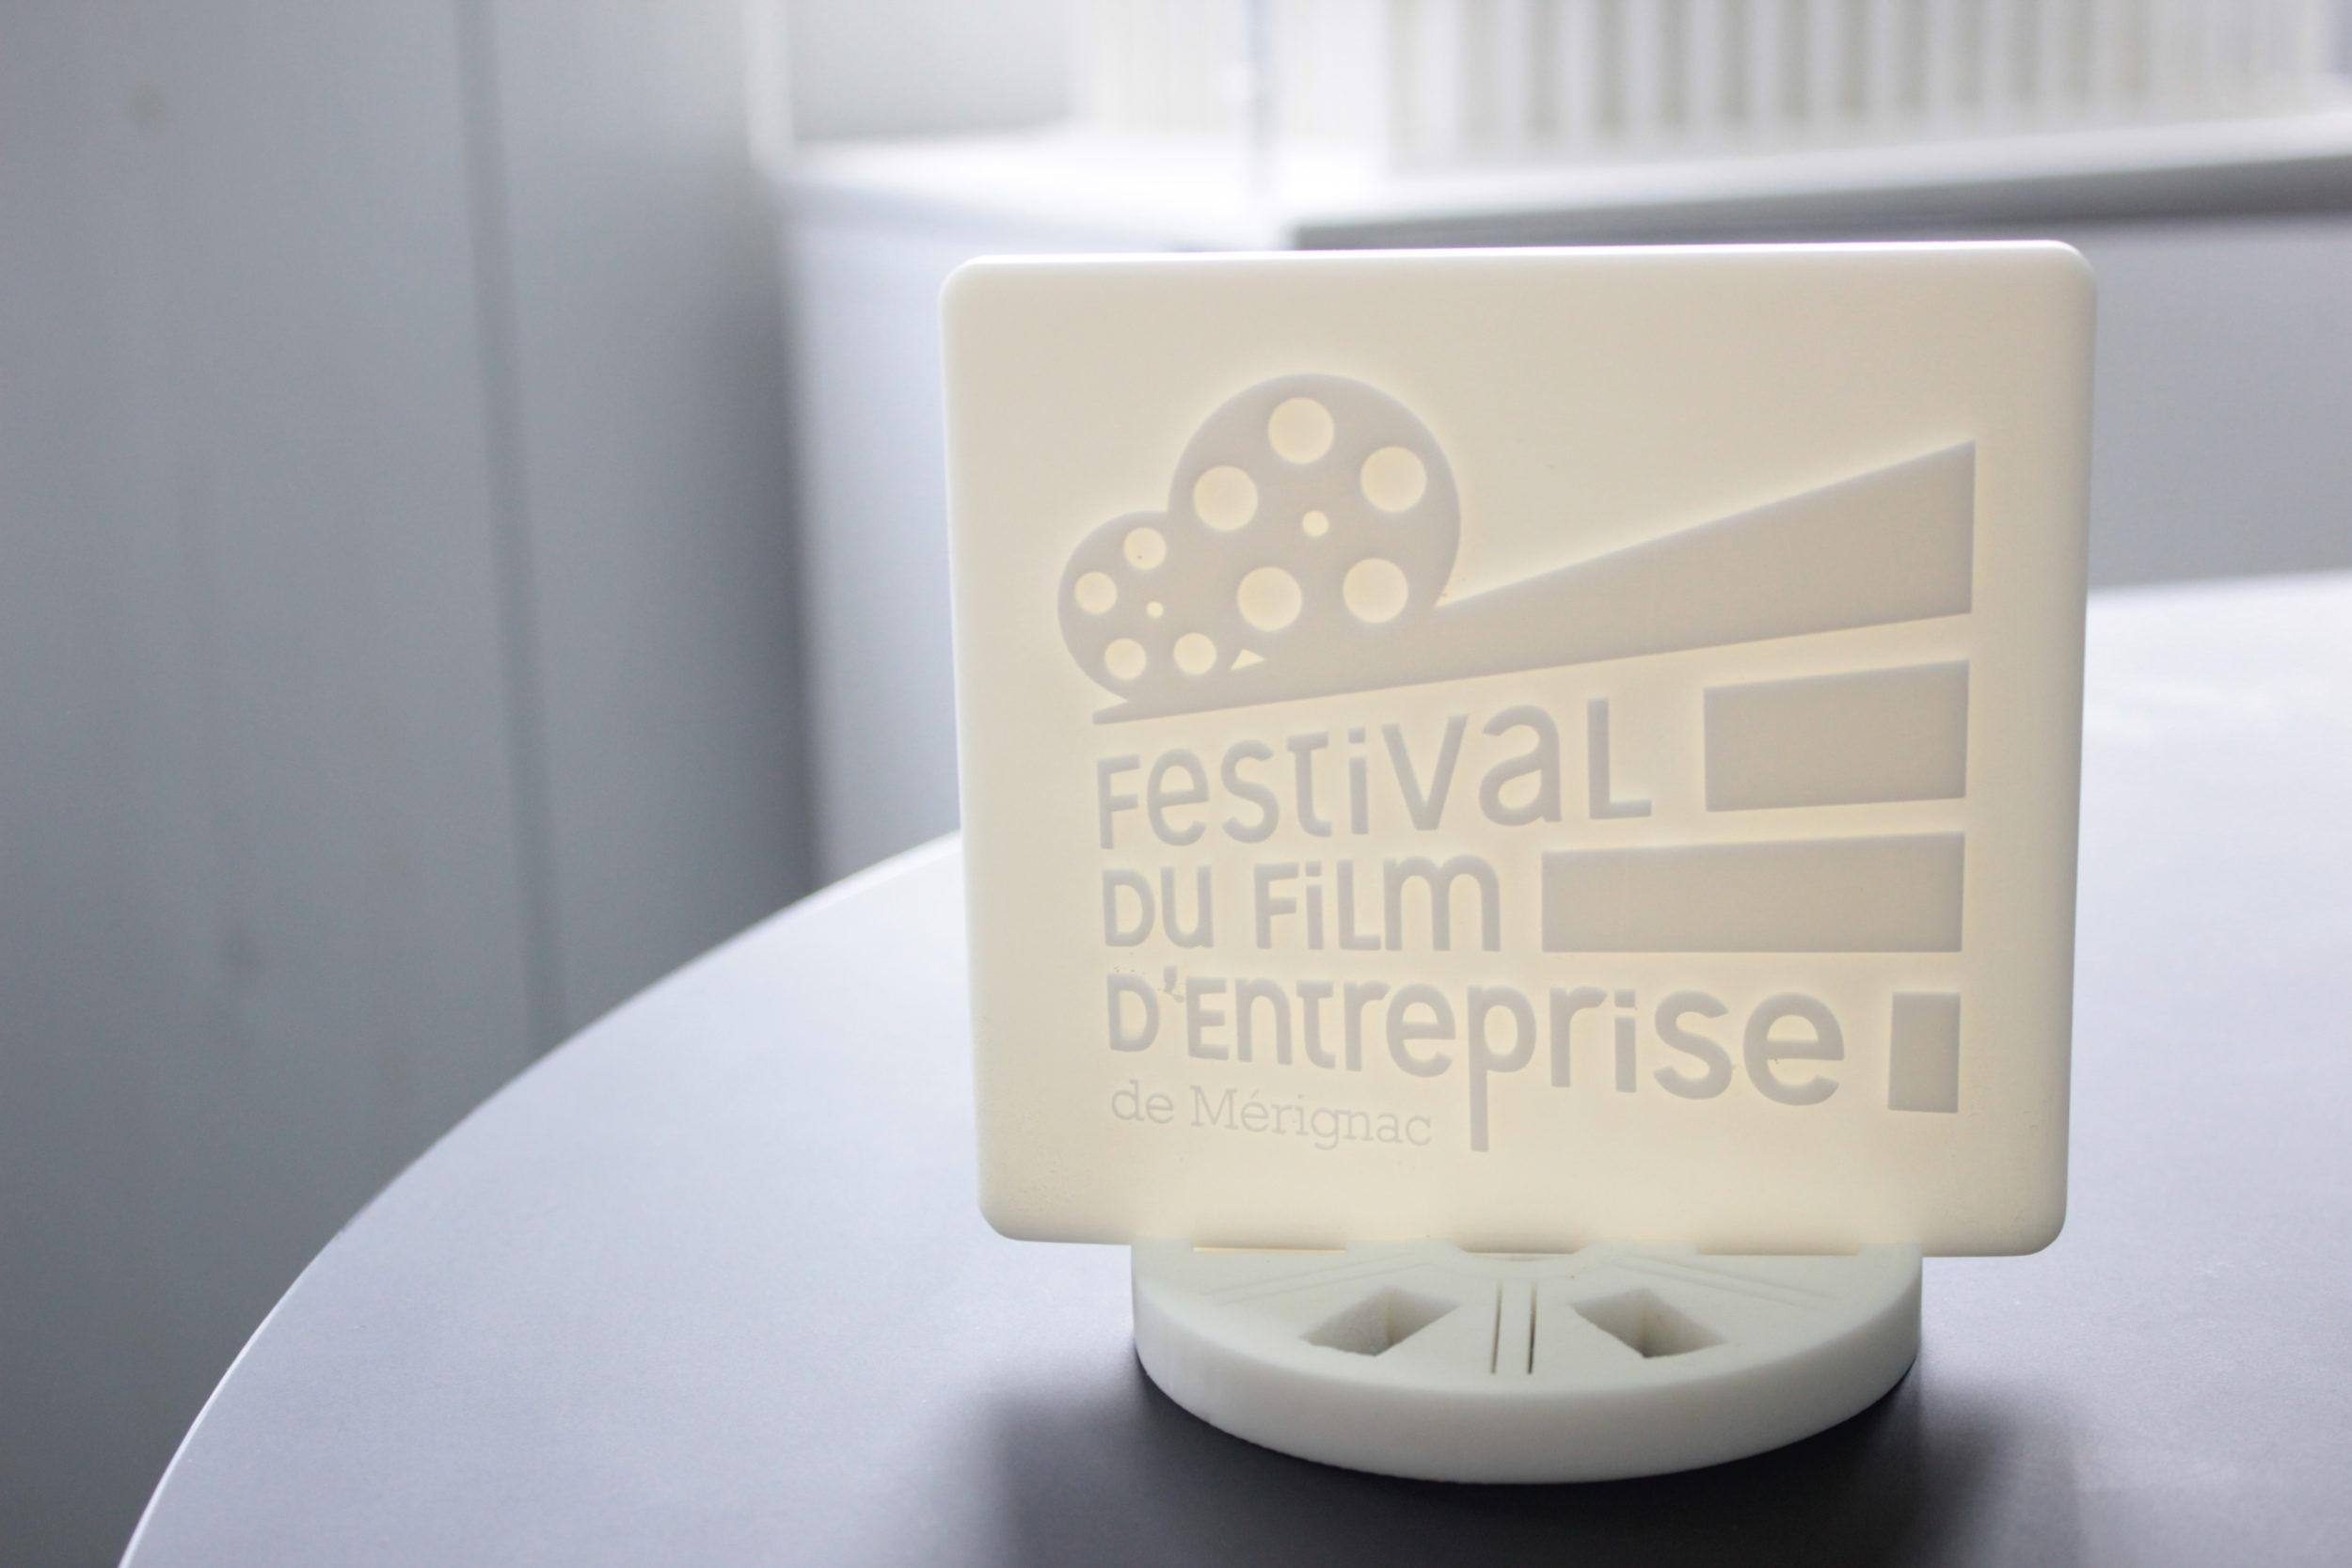 IMG_9377 Trophées du Festival du Film d'entreprise de Mérignac